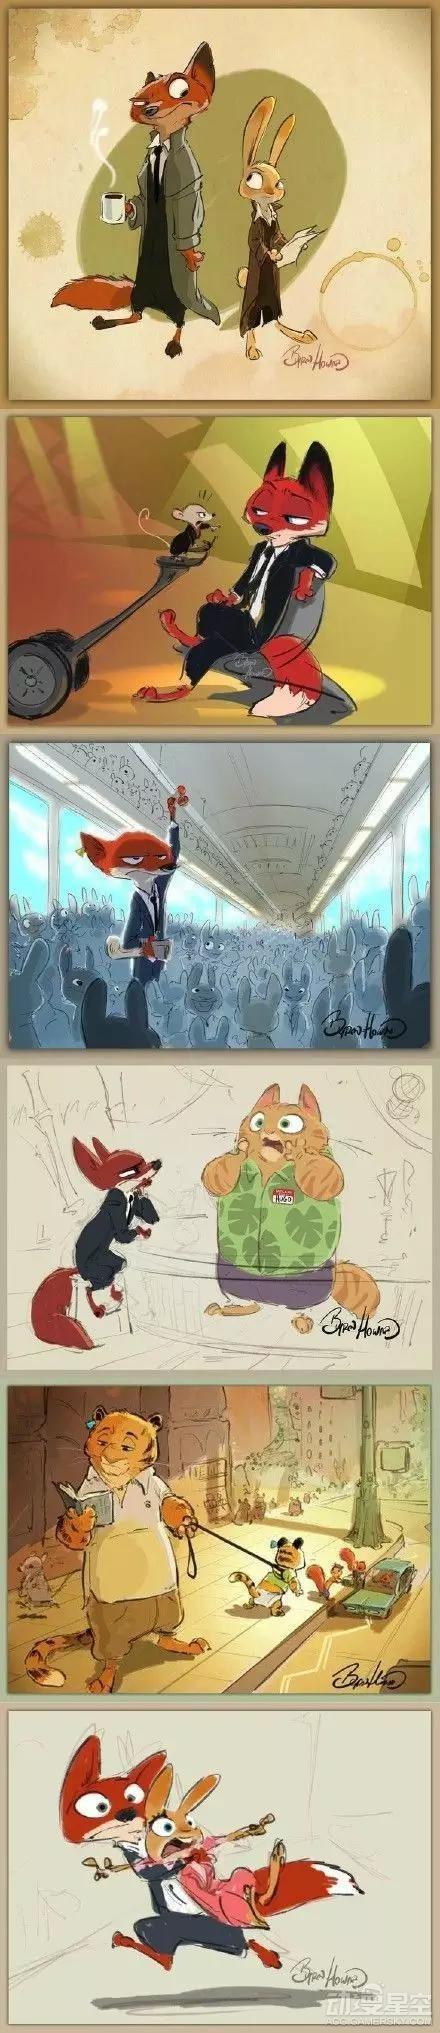 游戏 游戏资讯 正文   迪士尼的新作动画电影《疯狂动物城》在最近